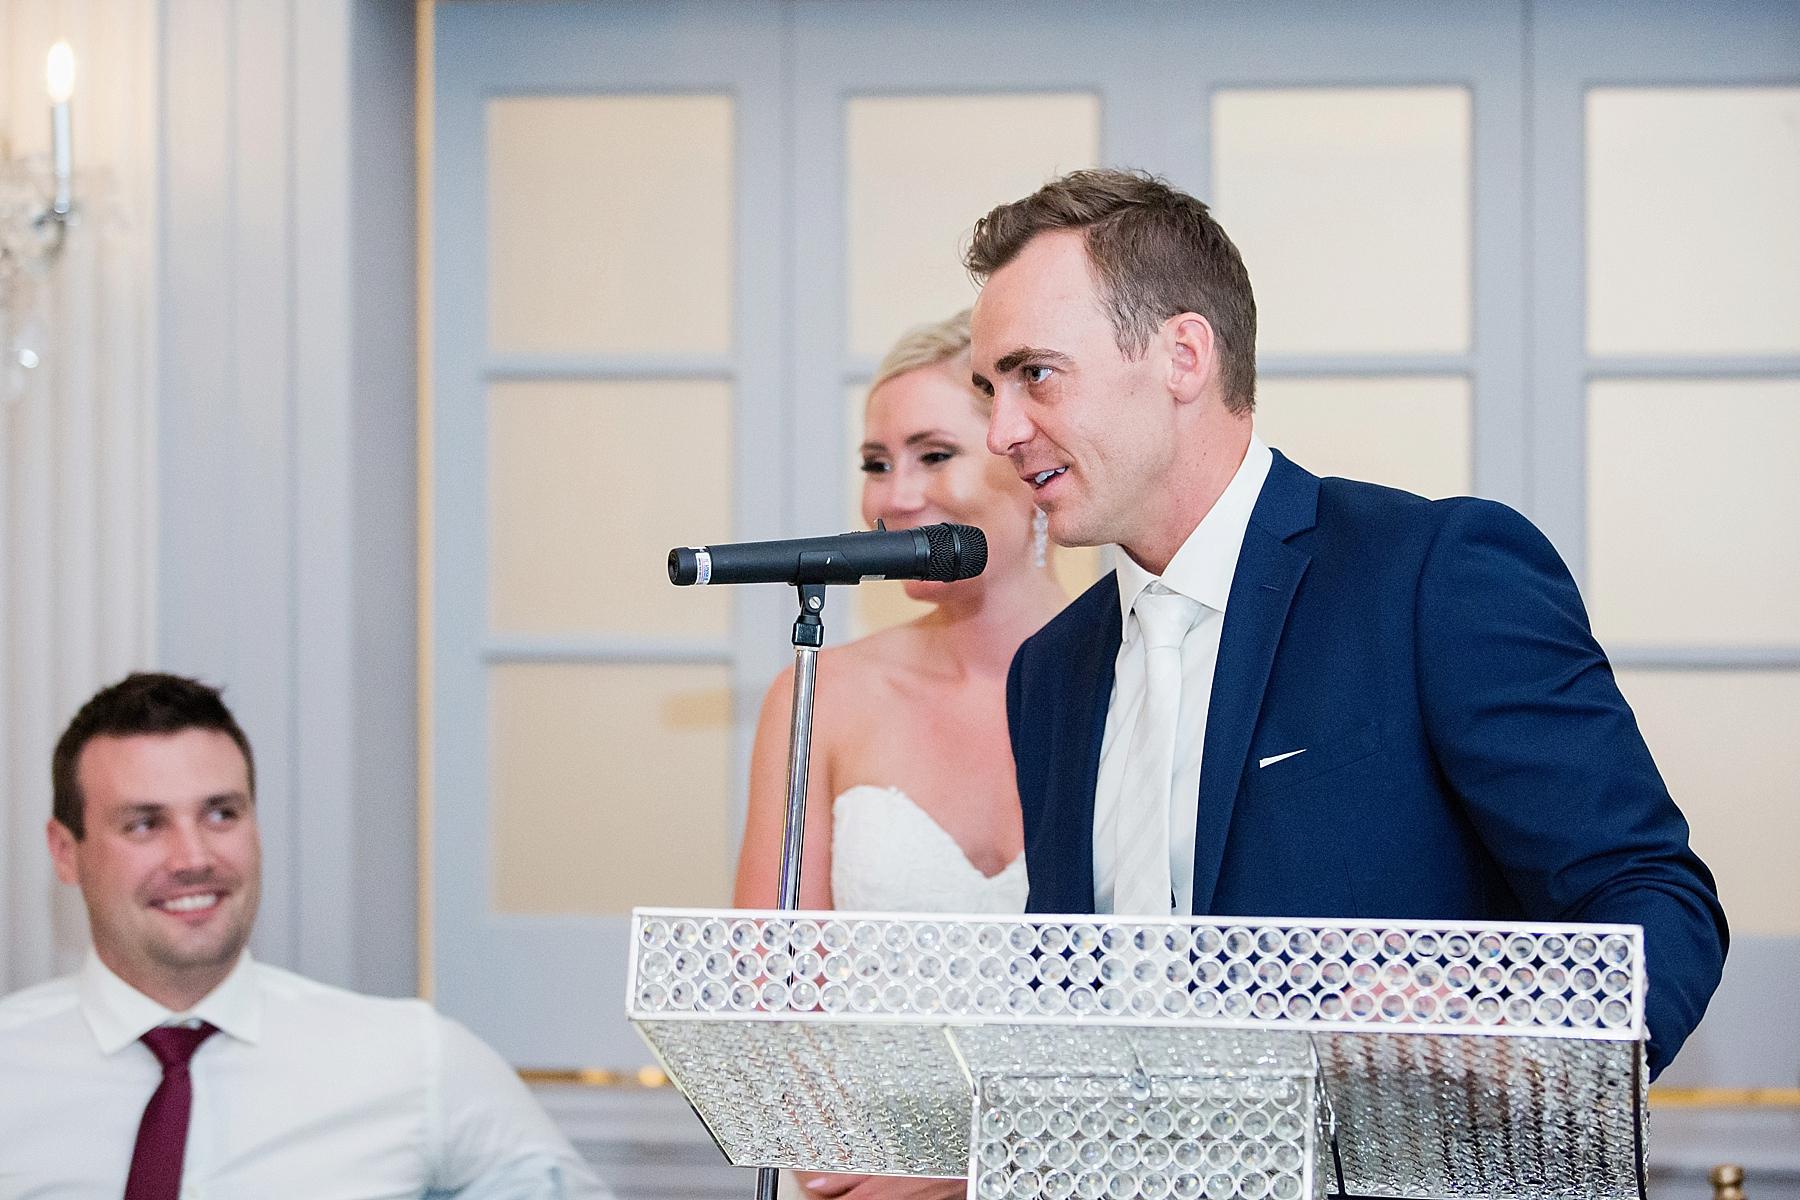 windsor-wedding-photographer-essex-golf-country-club-wedding-eryn-shea-photography_0089.jpg